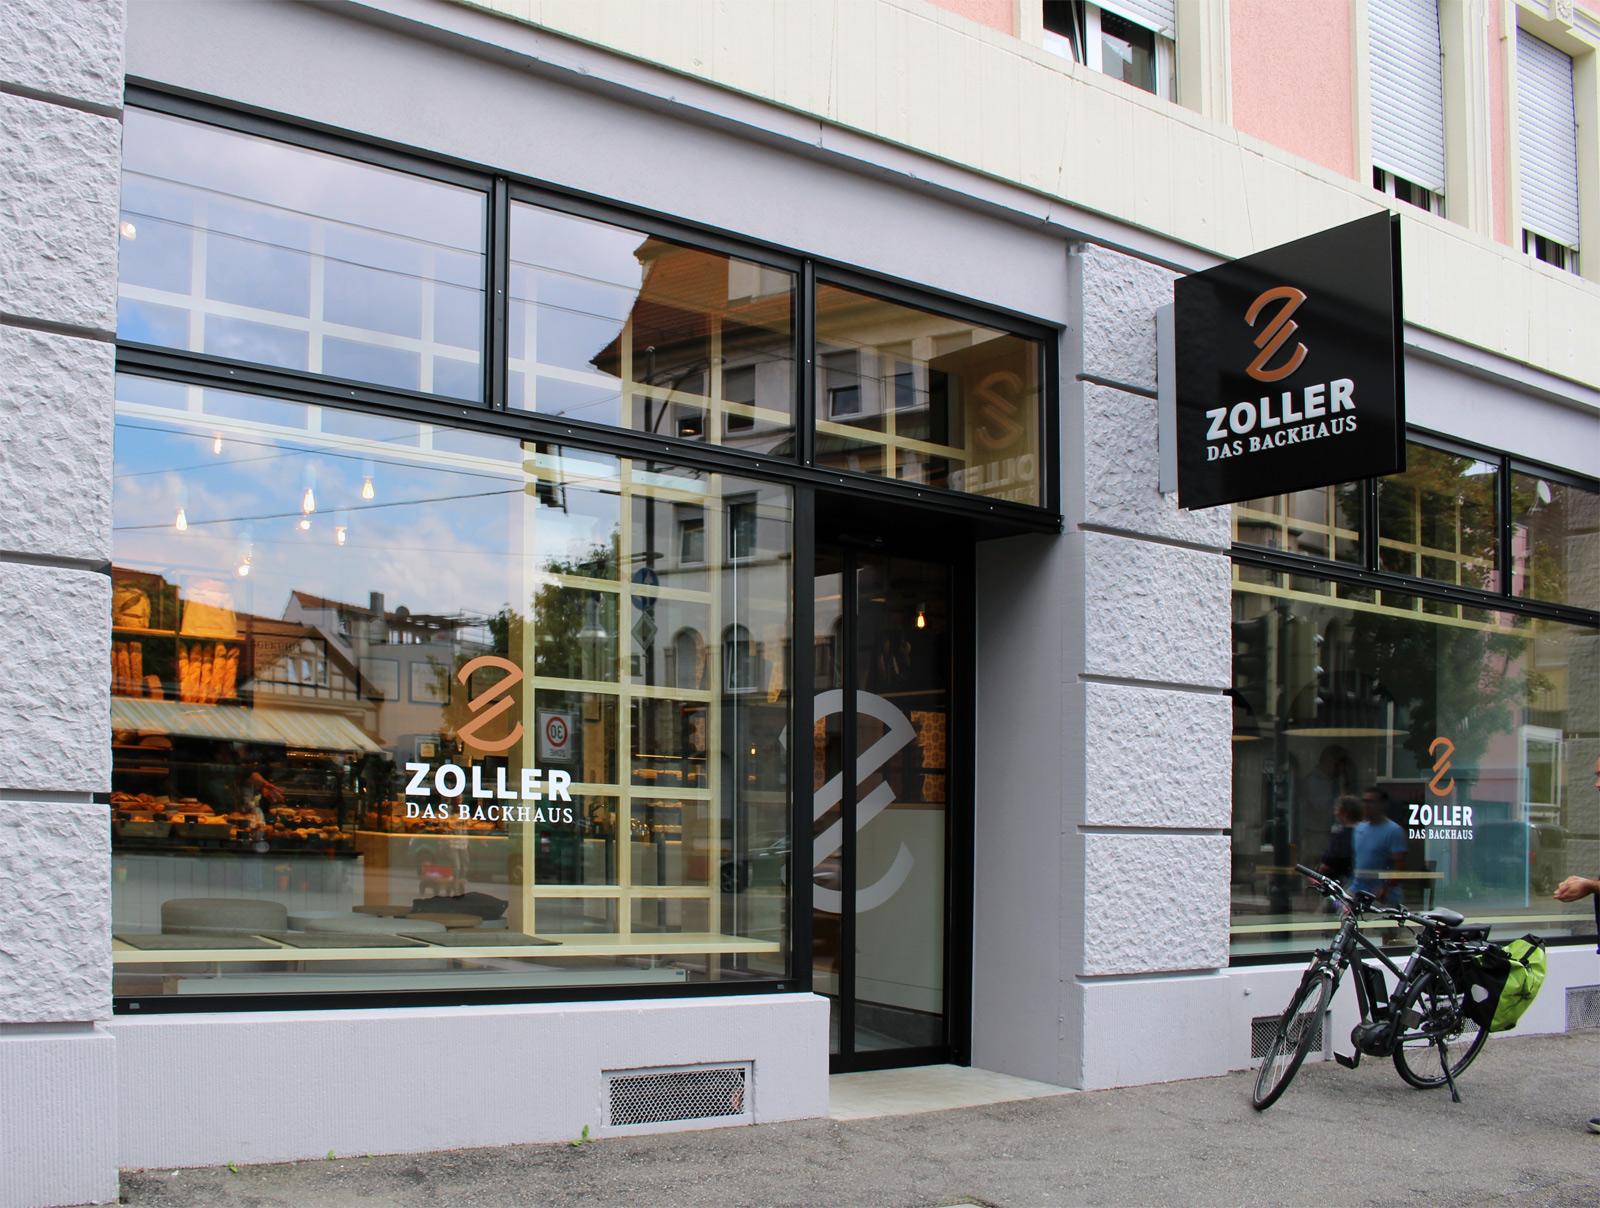 backhaus-zoller-fageschaeft_Charlottenplatz_aussen